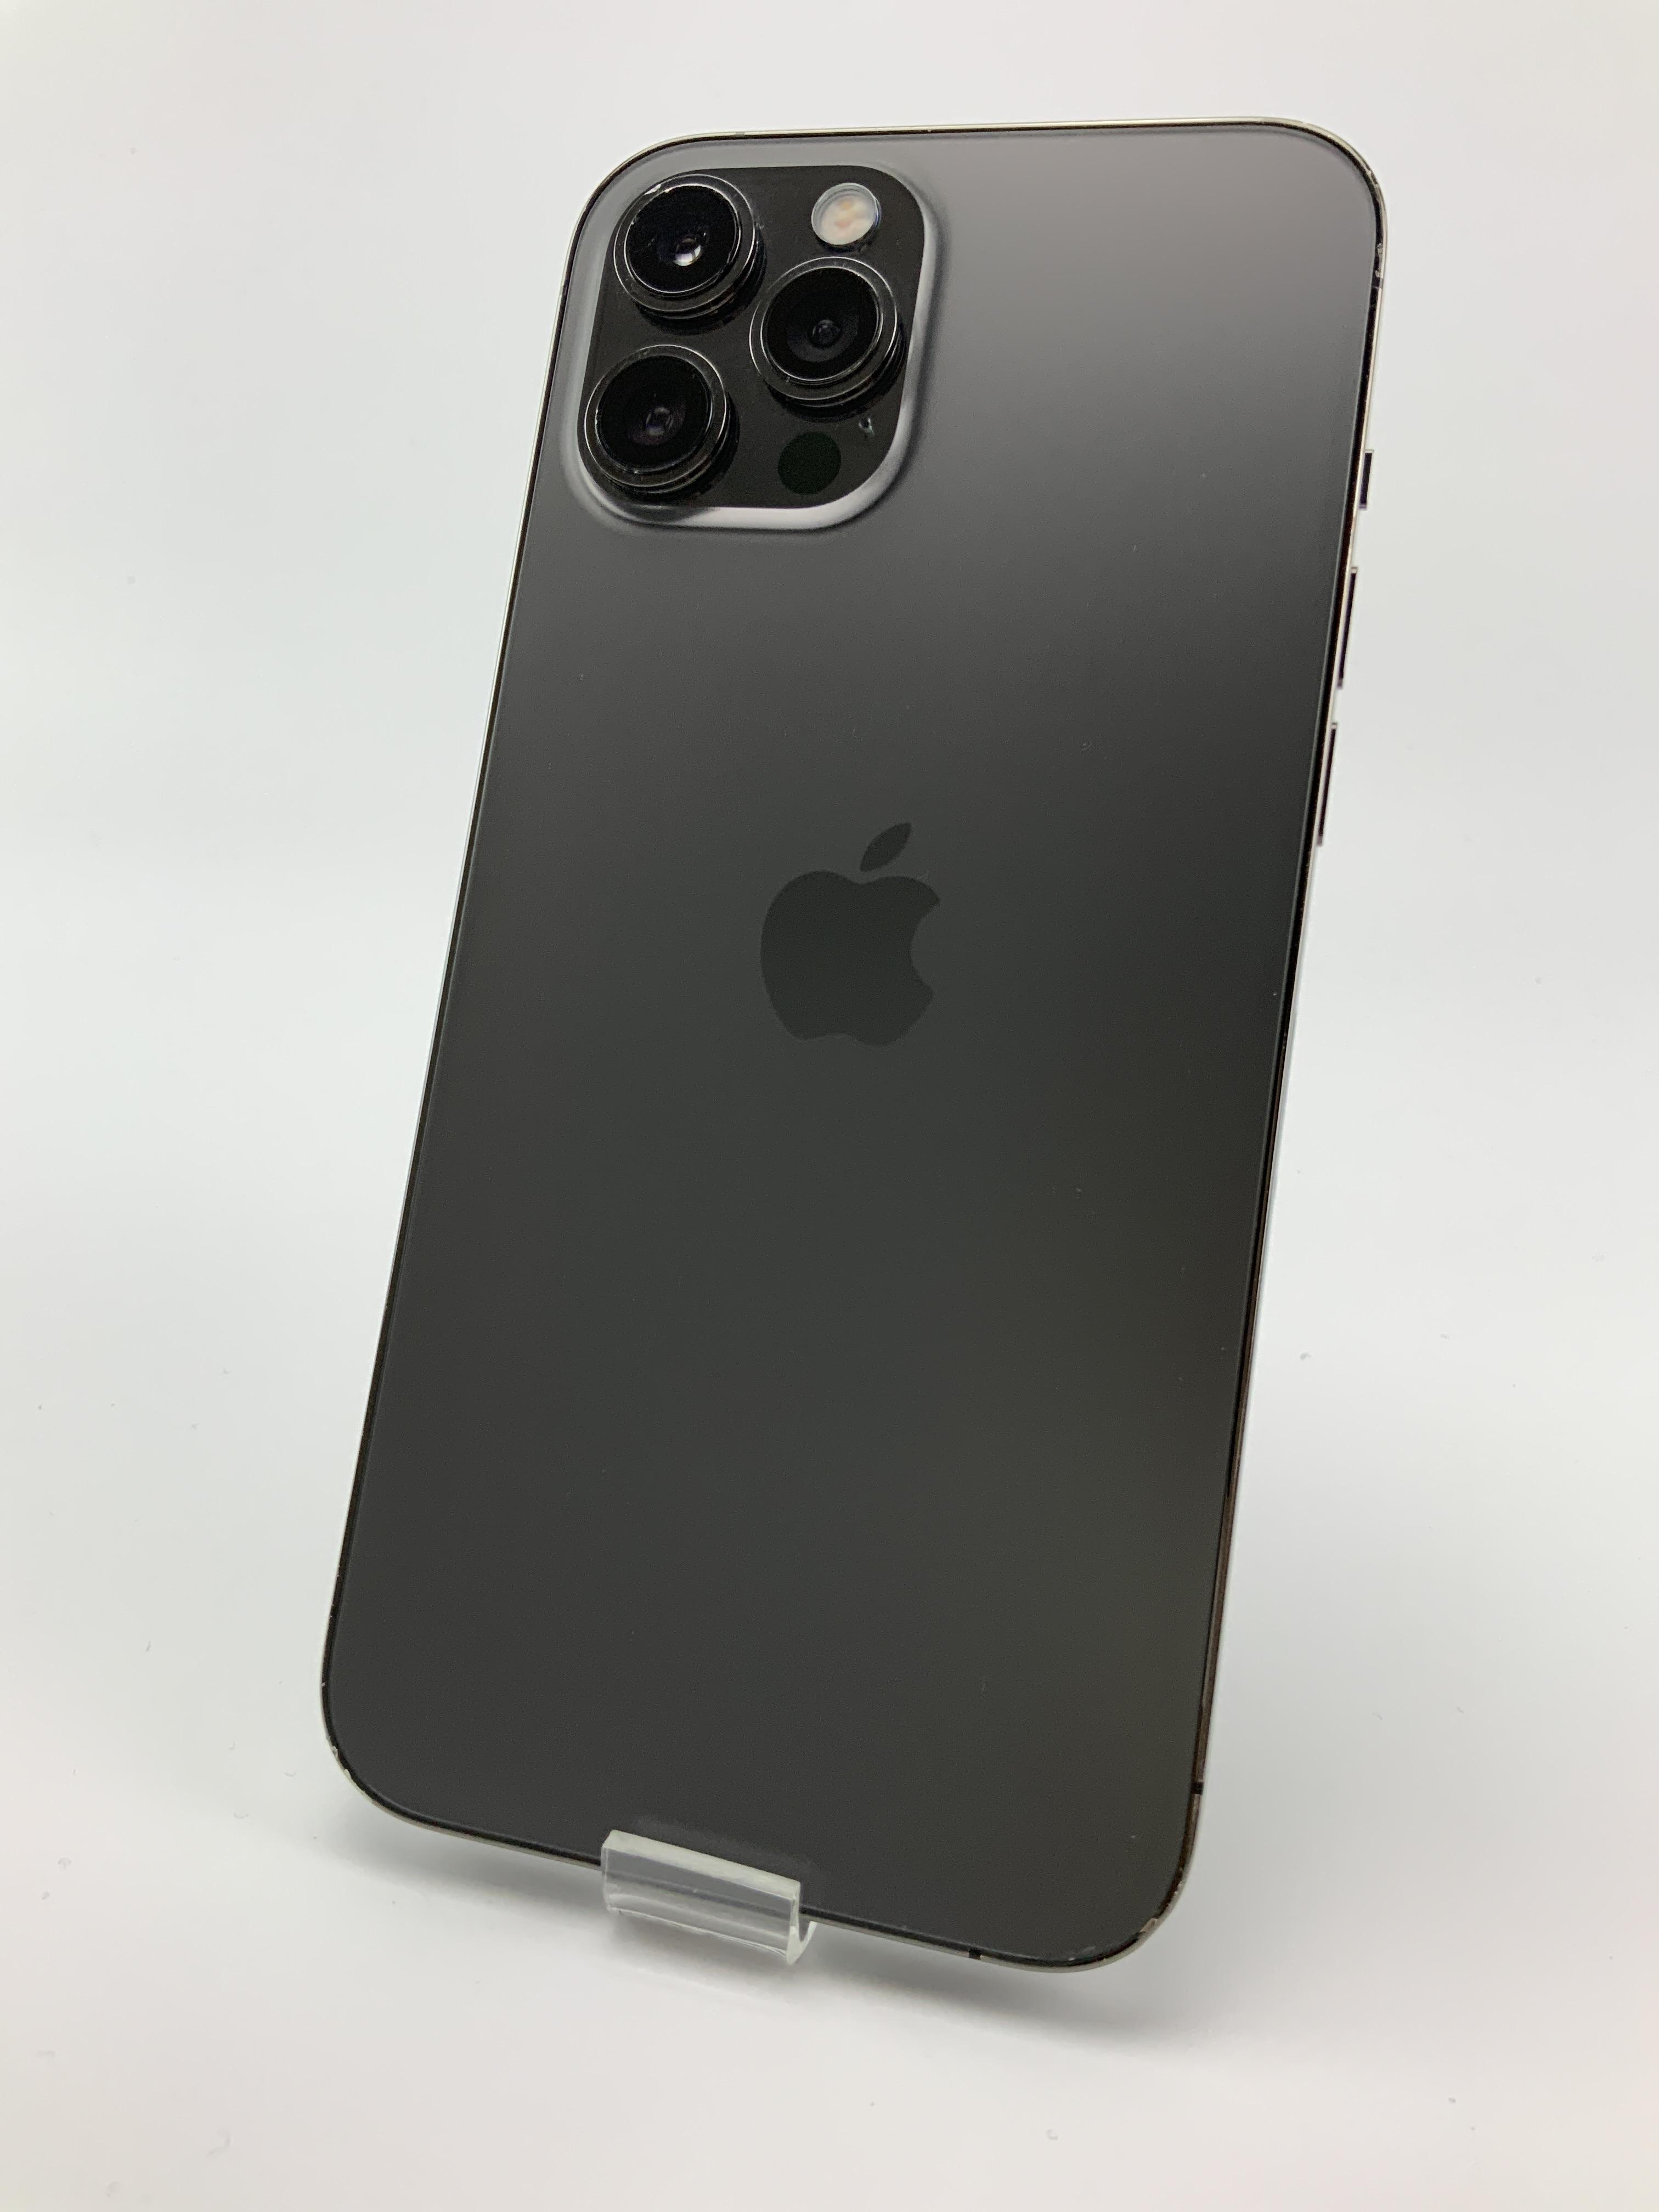 iPhone 12 Pro Max 128GB, 128GB, Graphite, Bild 2